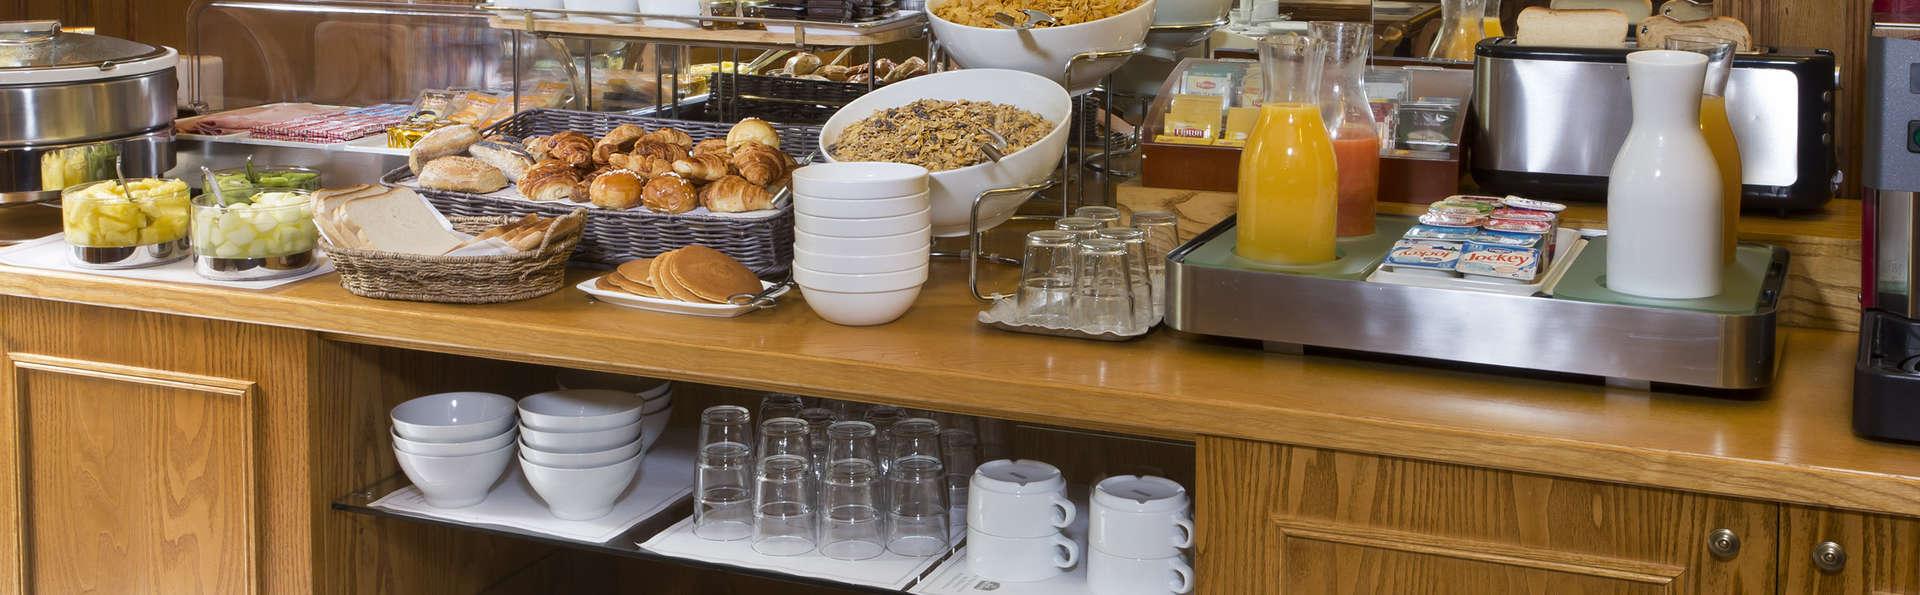 Best Western Hôtel Montcalm - Salle de petit déjeuner